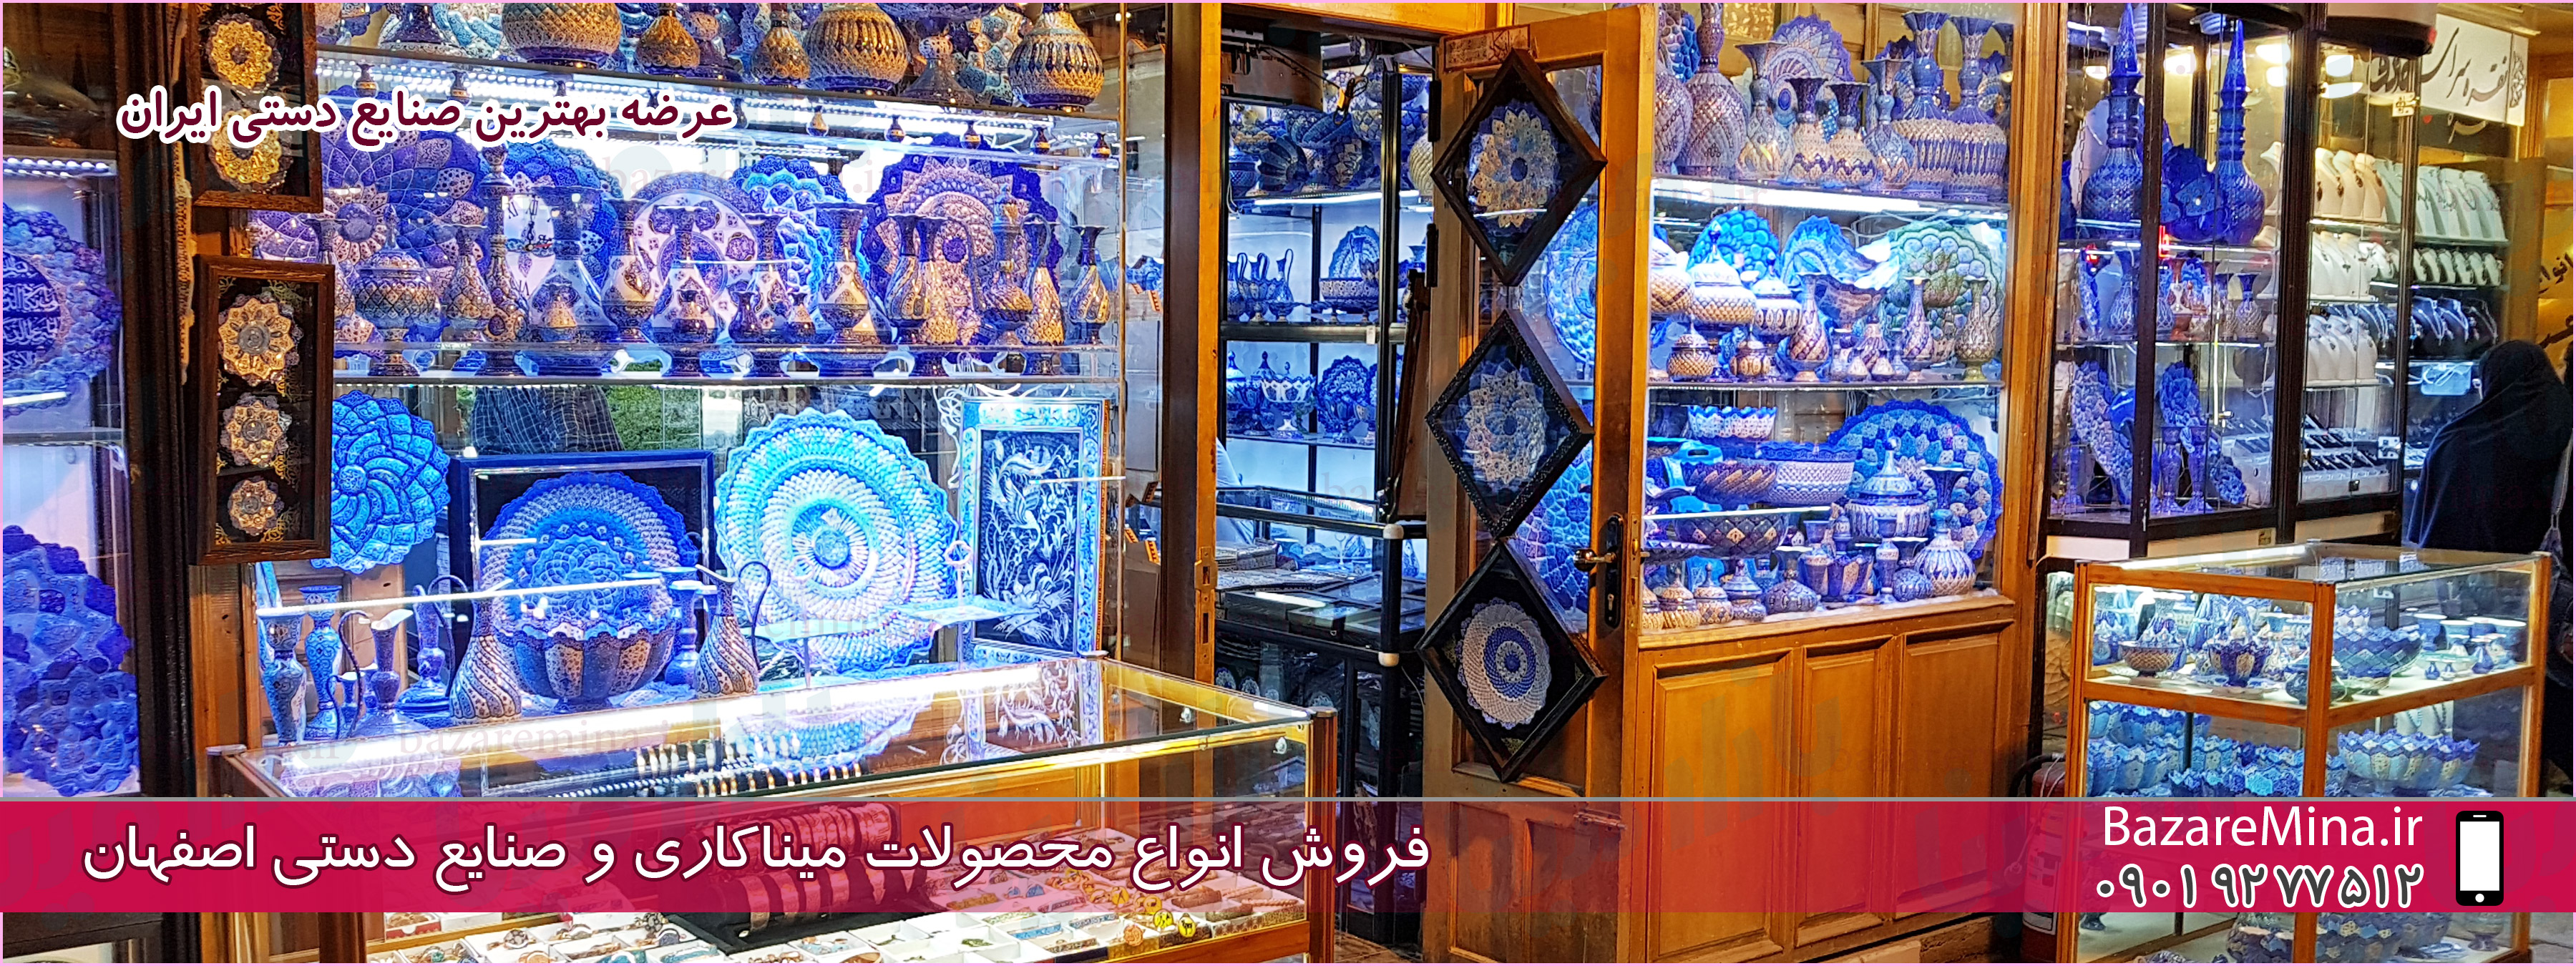 فروش میناکاری اصفهان